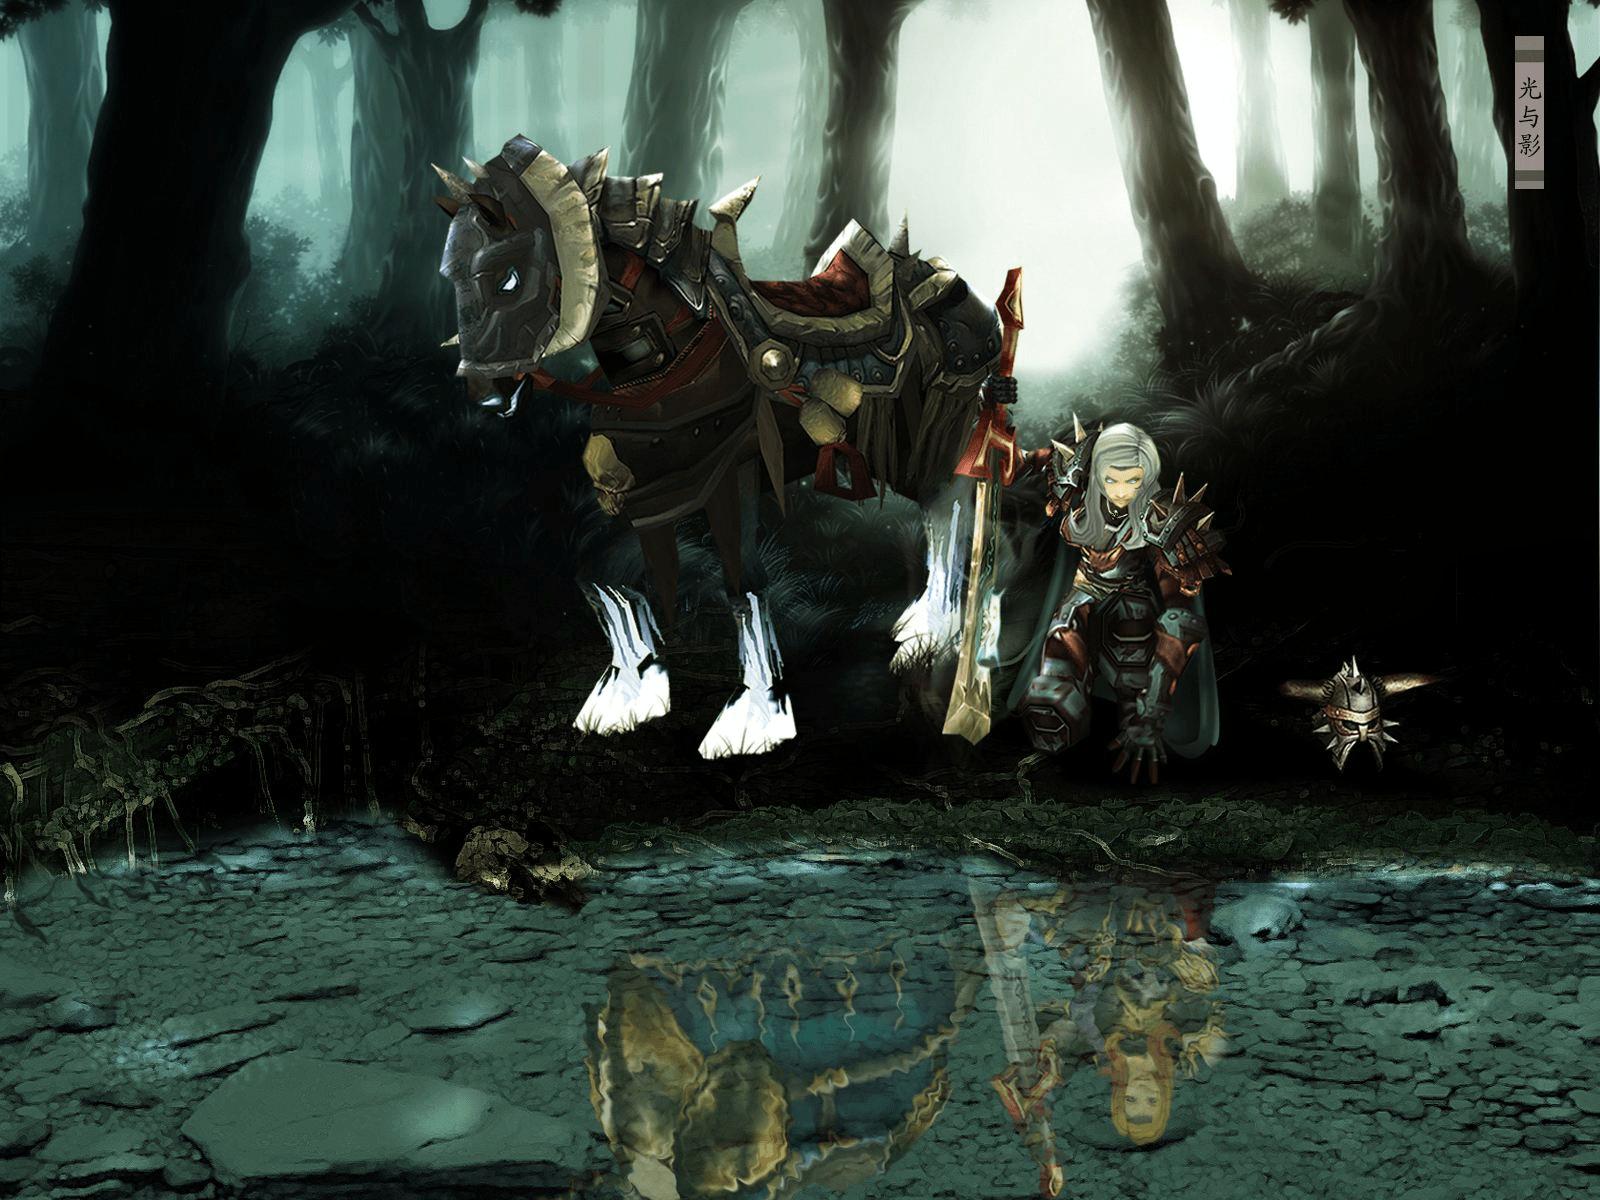 原创魔兽世界:骑士用两次平砍之间的间隔,如何才能最大化伤害?